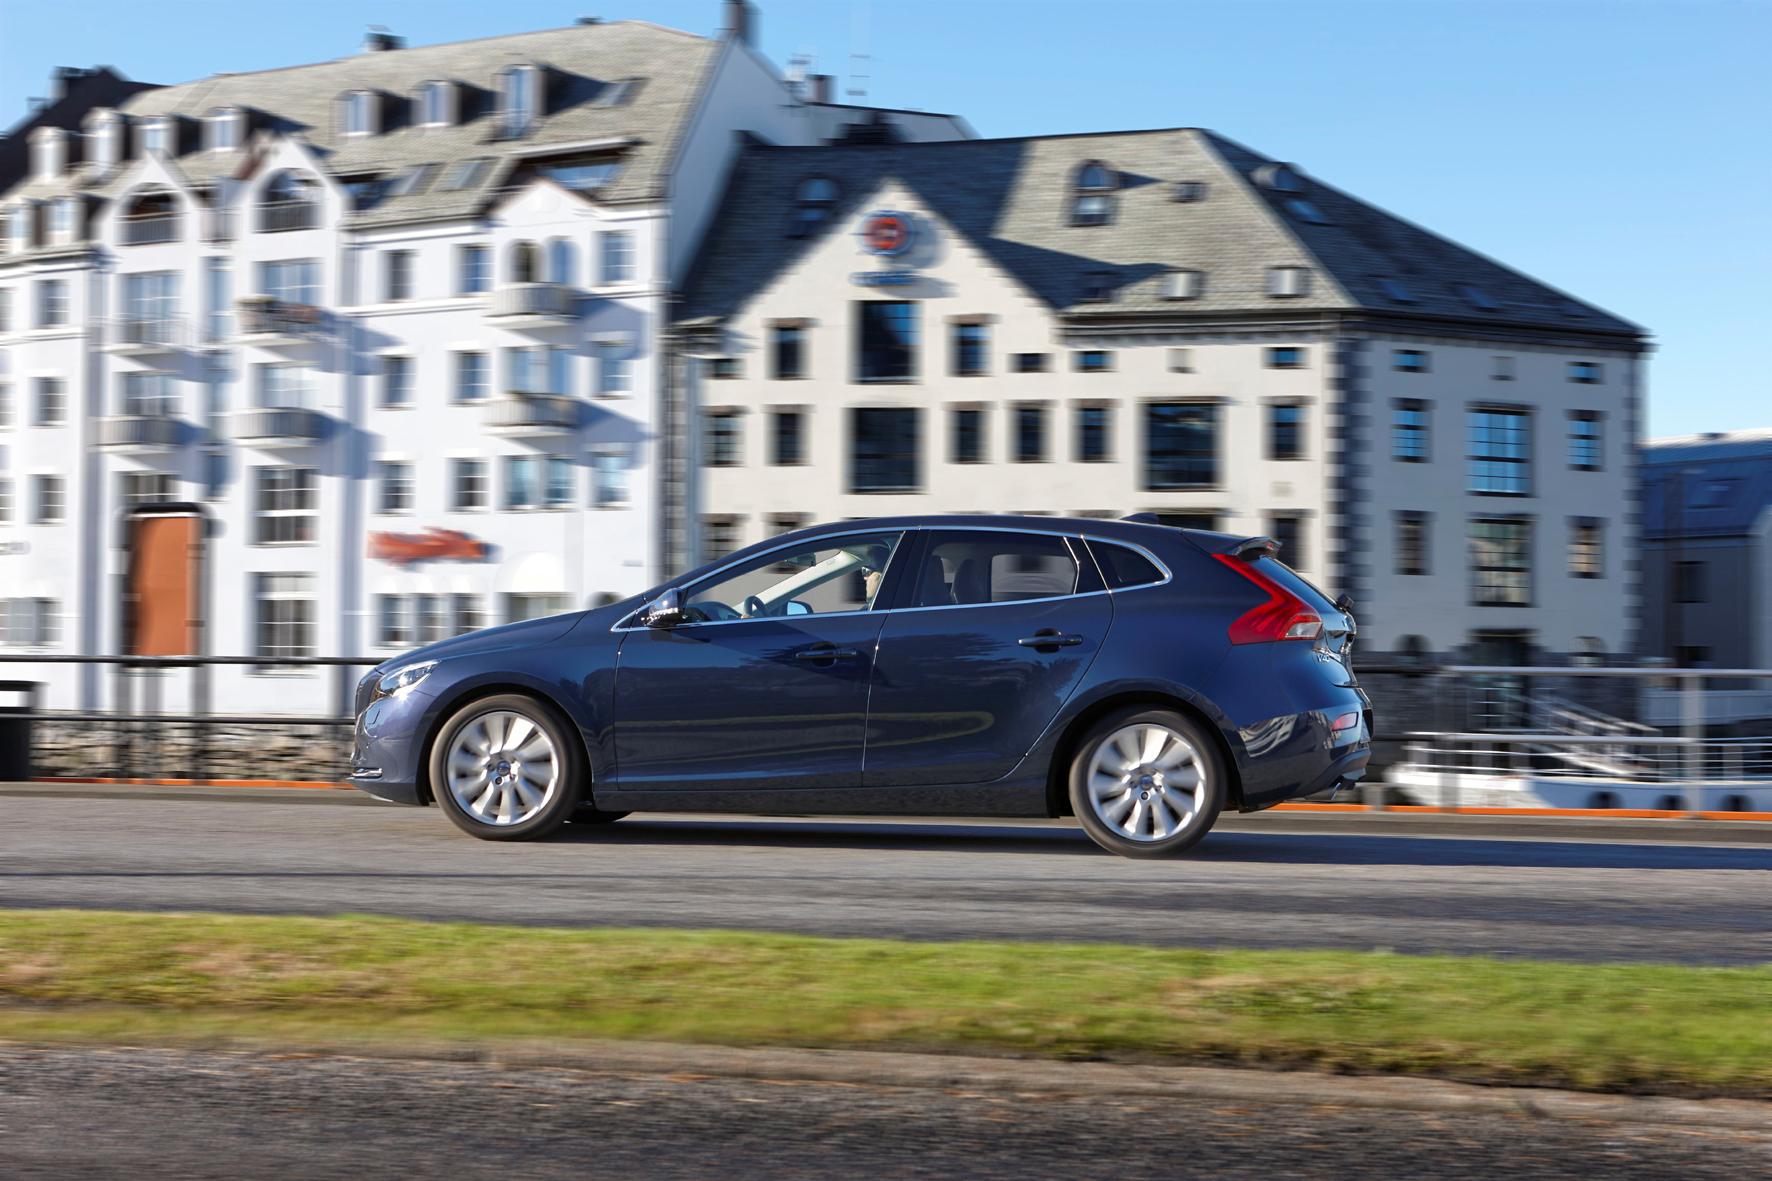 Neuer Diesel im Volvo V40: Sprinten ohne Reue